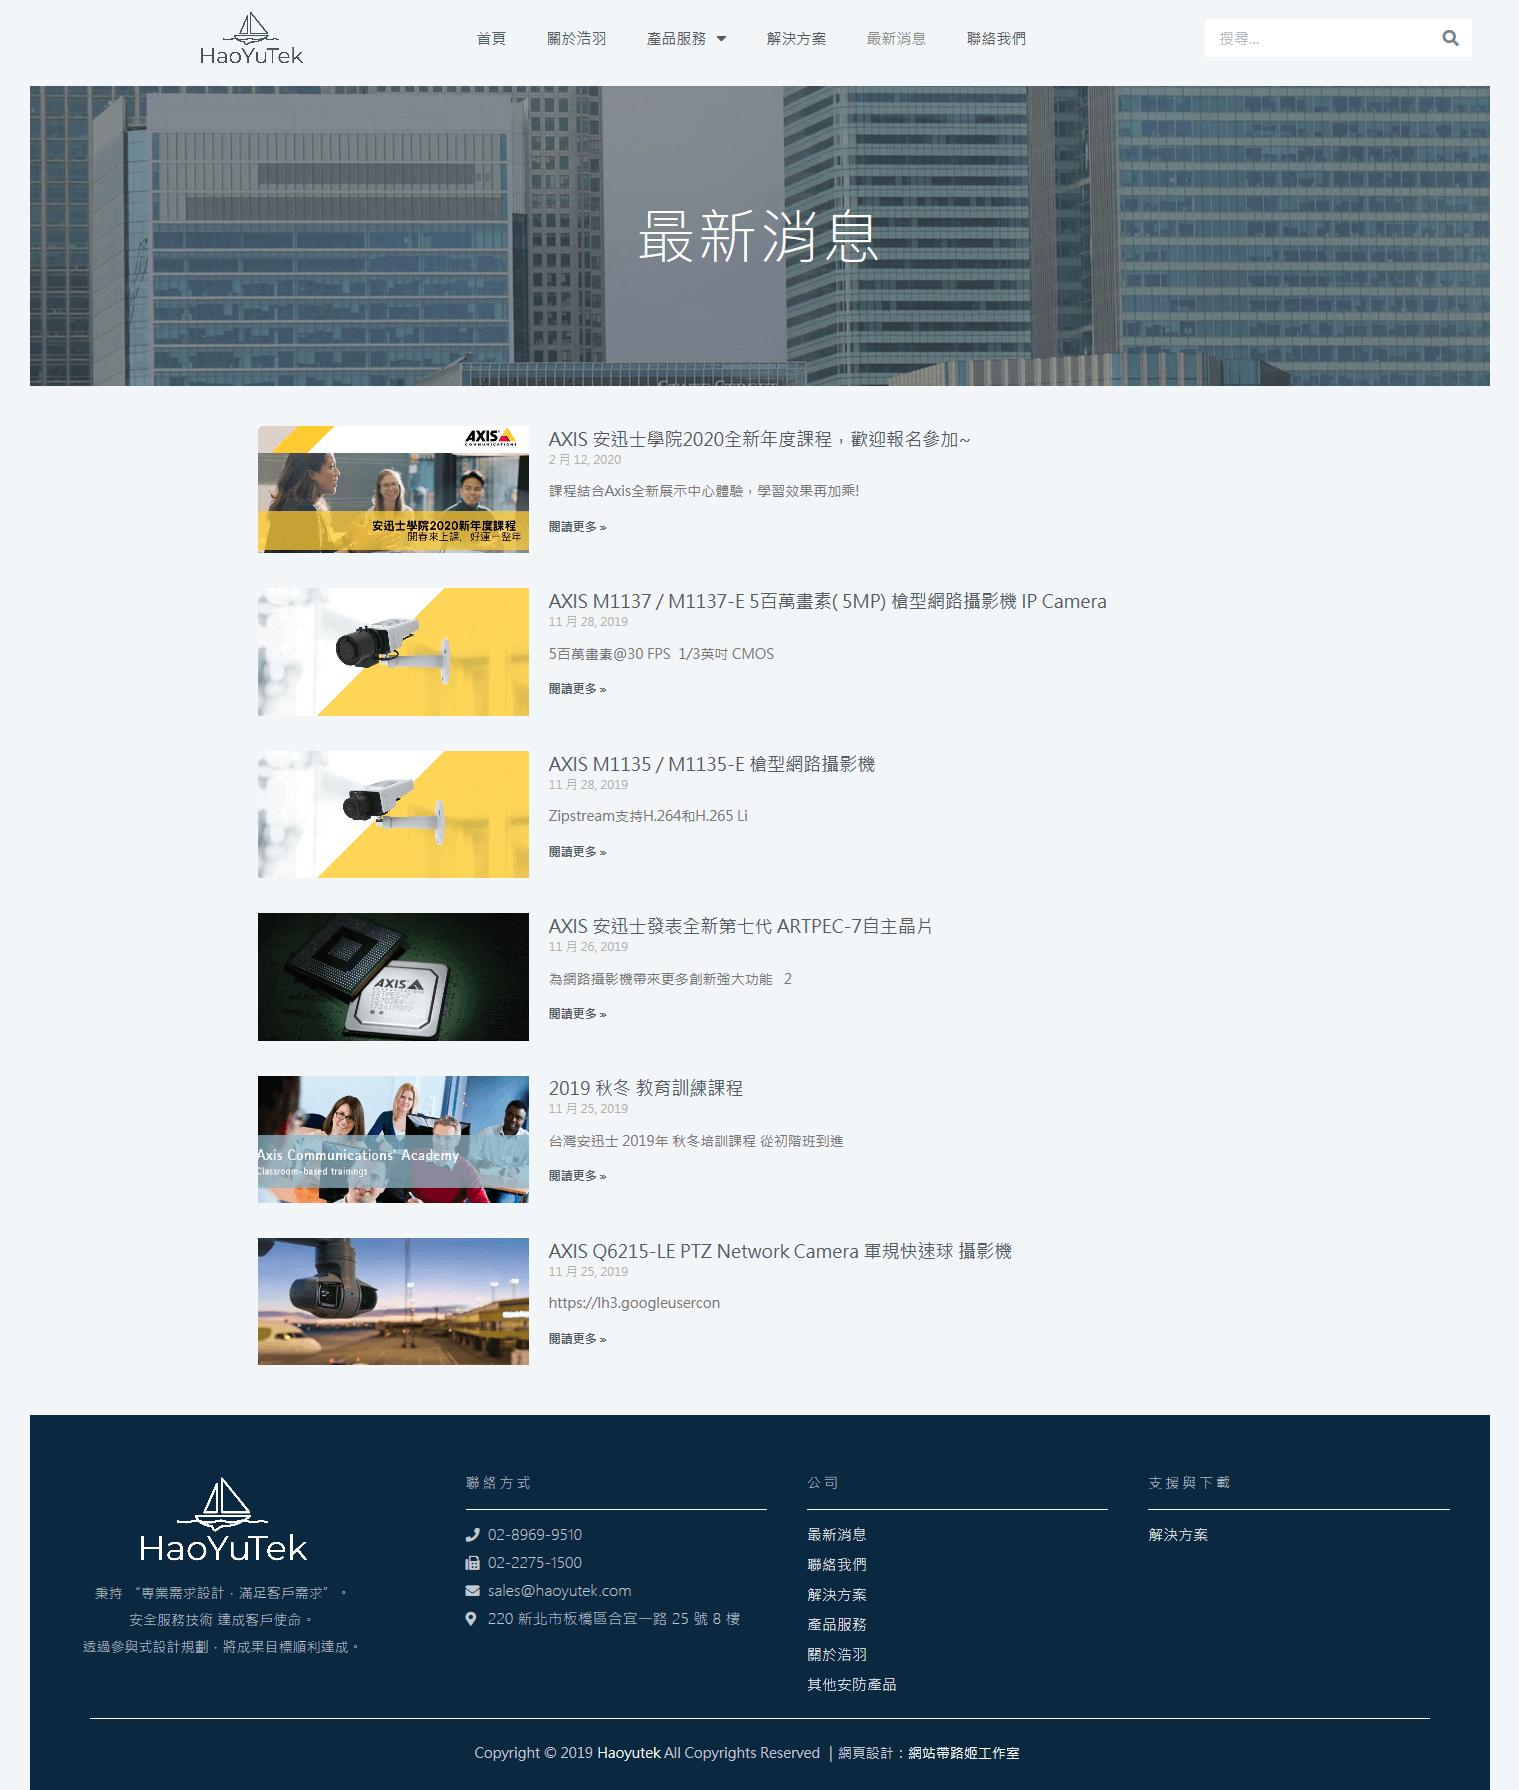 最新消息 - HaoYuTek 浩羽工程有限公司